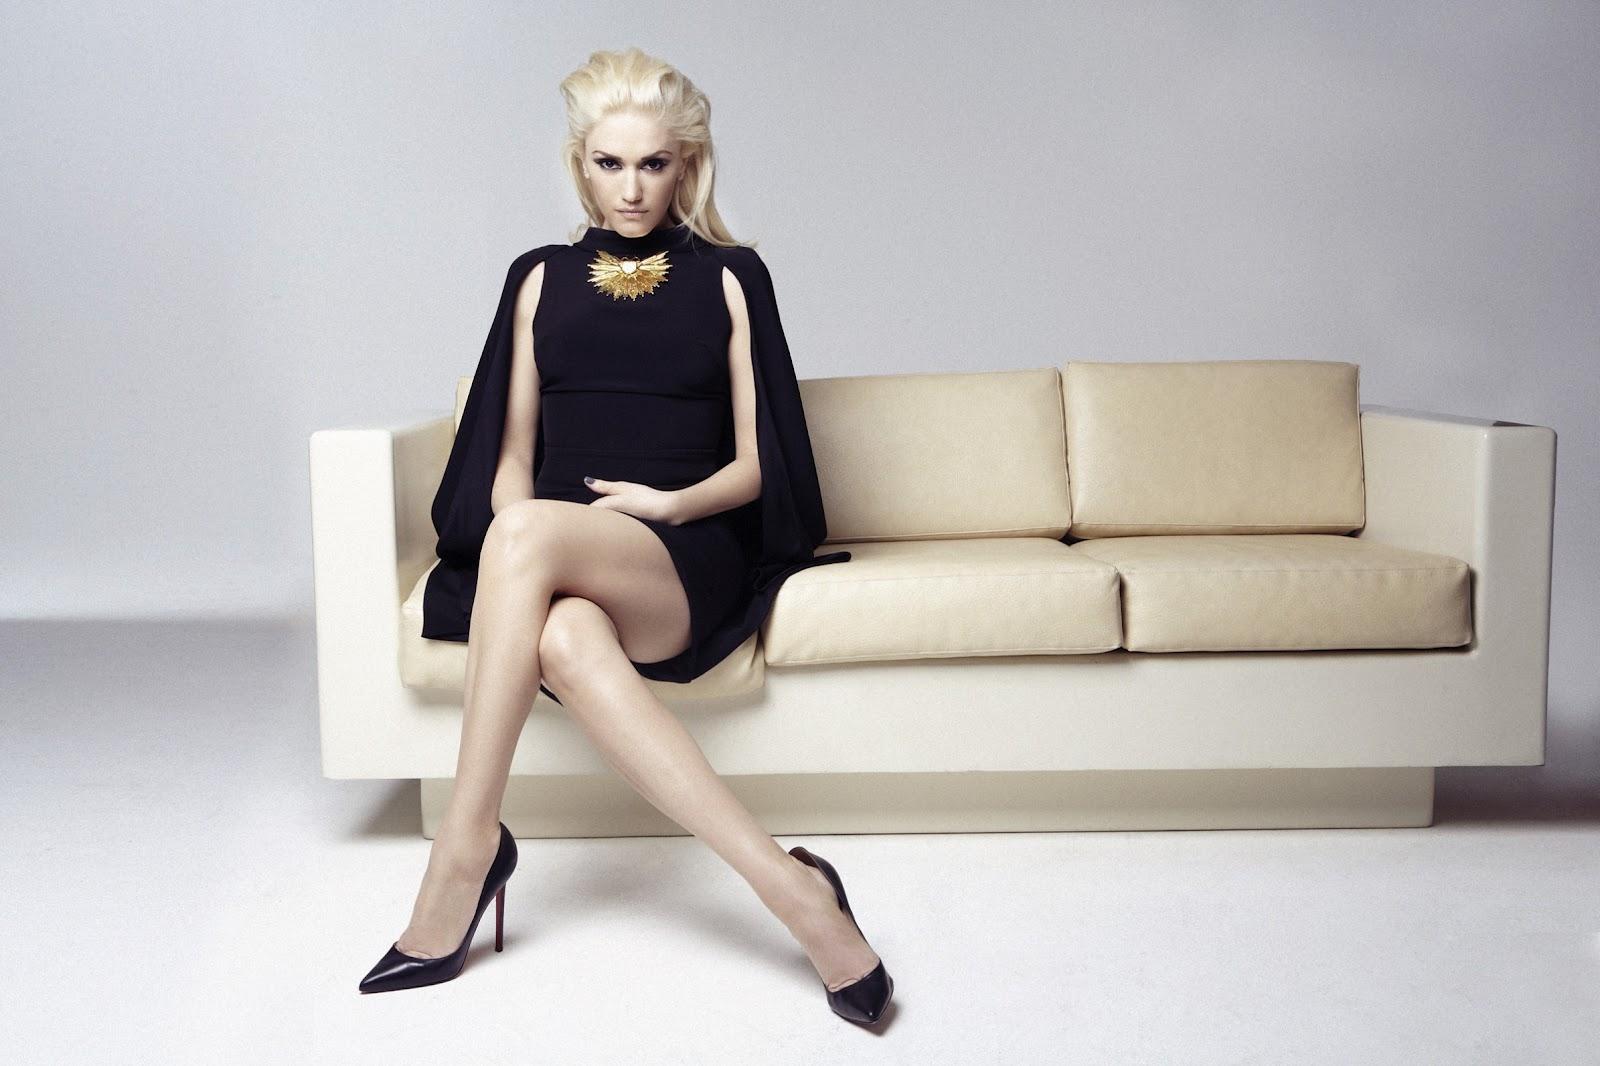 Gwen Stefani by Dusa 3 - Gwen Stefani